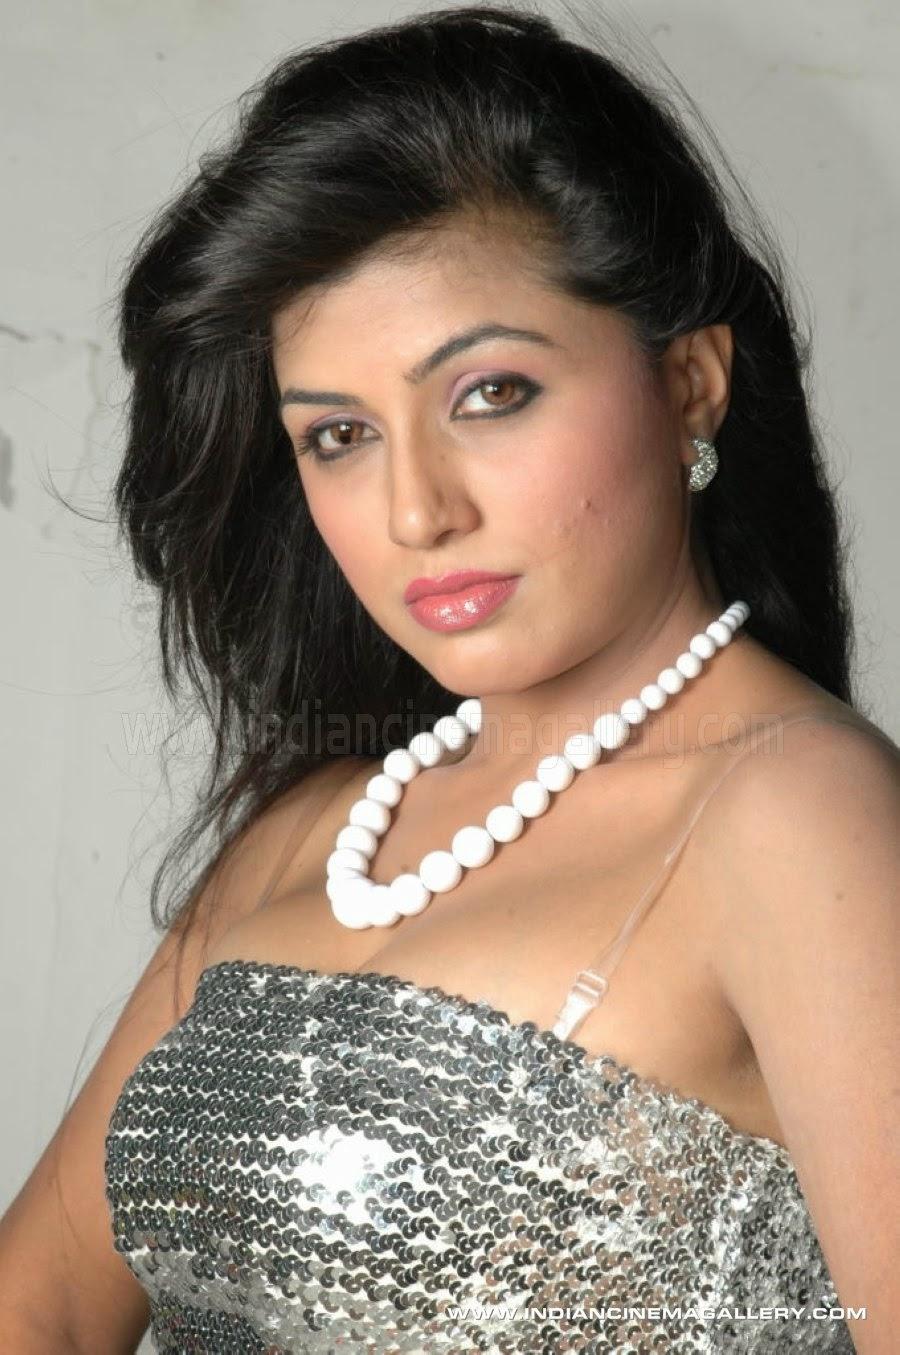 Priya rai mommy got boobs